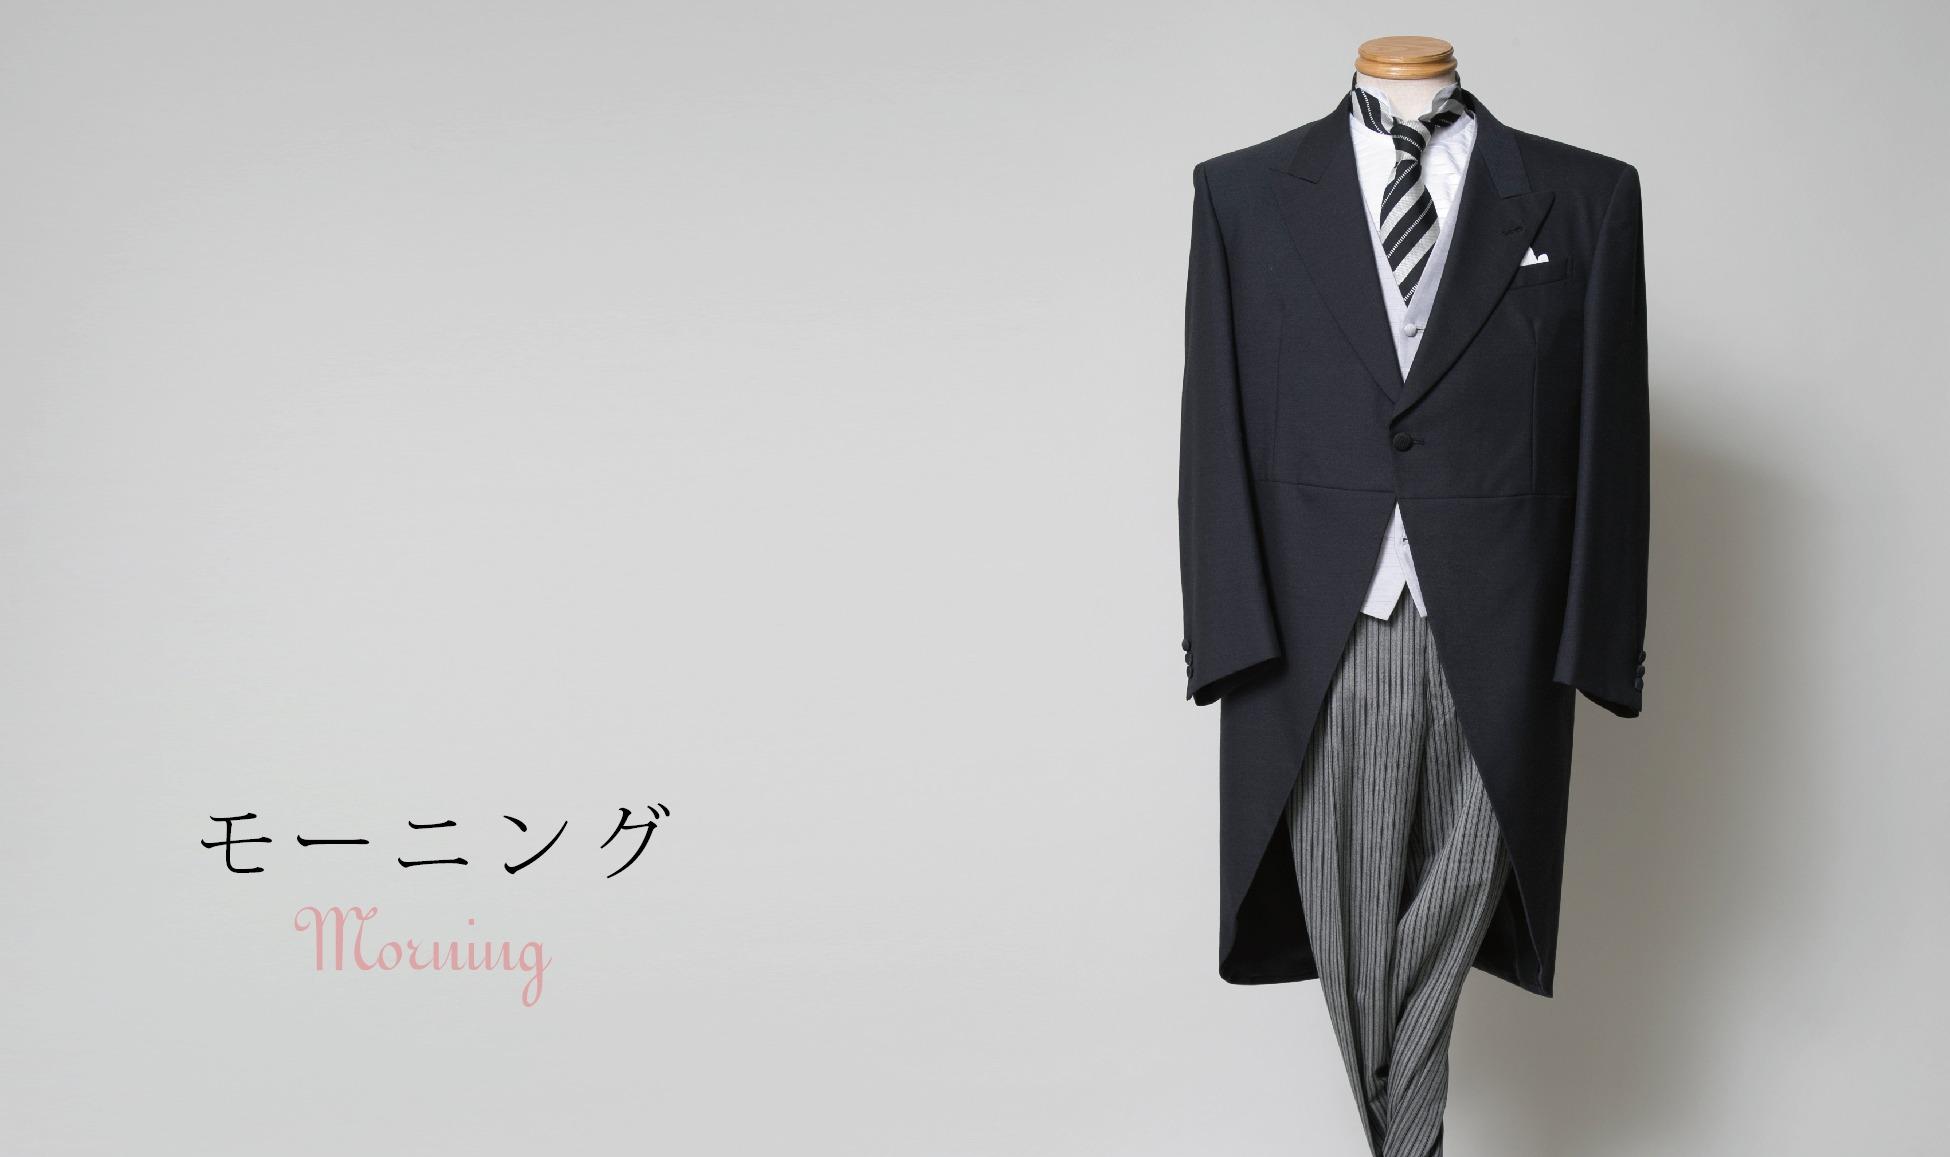 長崎の結婚式 親族衣裳レンタル 和装 神社挙式 挙式 人前式 留袖レンタル モーニングレンタル